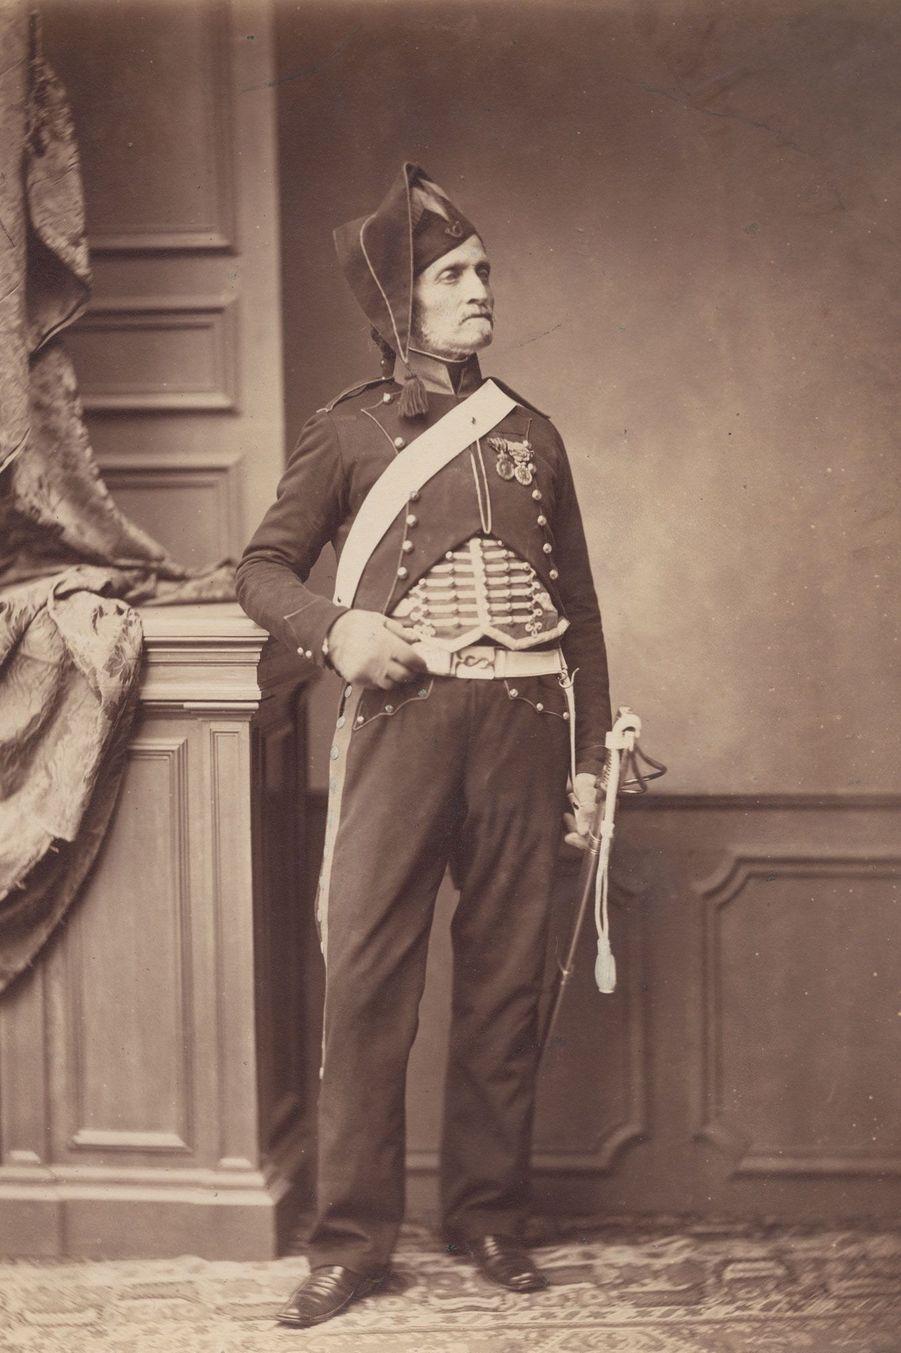 Le chasseur alpin. Monsieur Schmidt appartenait aux régiments de montagne, qui gagnèrent la bataille du mont Saint-Bernard, en 1794 dans les Alpes.